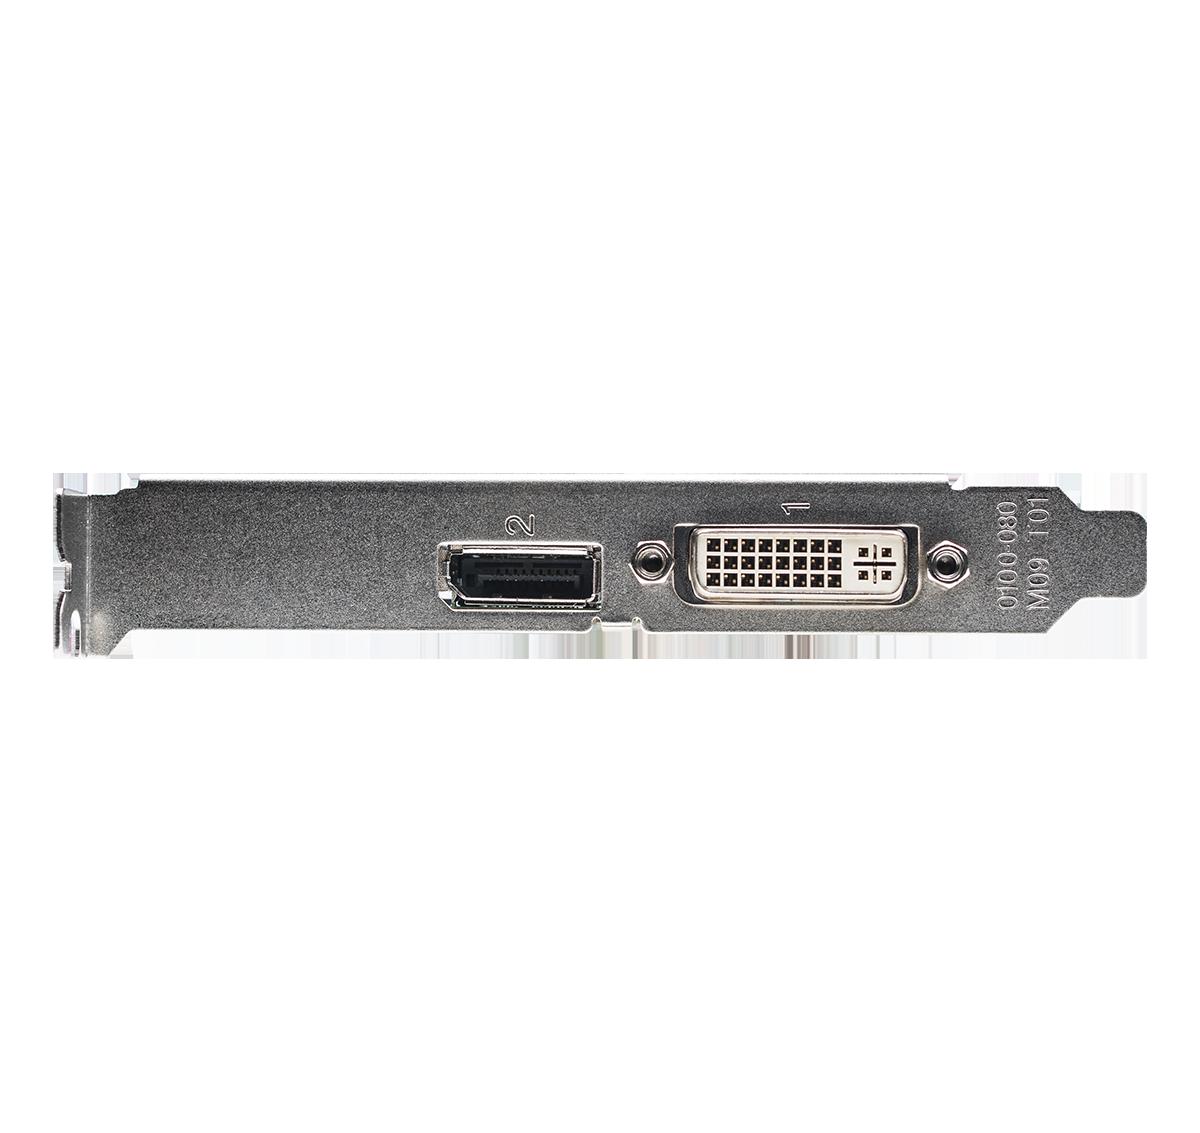 NVIDIA Quadro K420